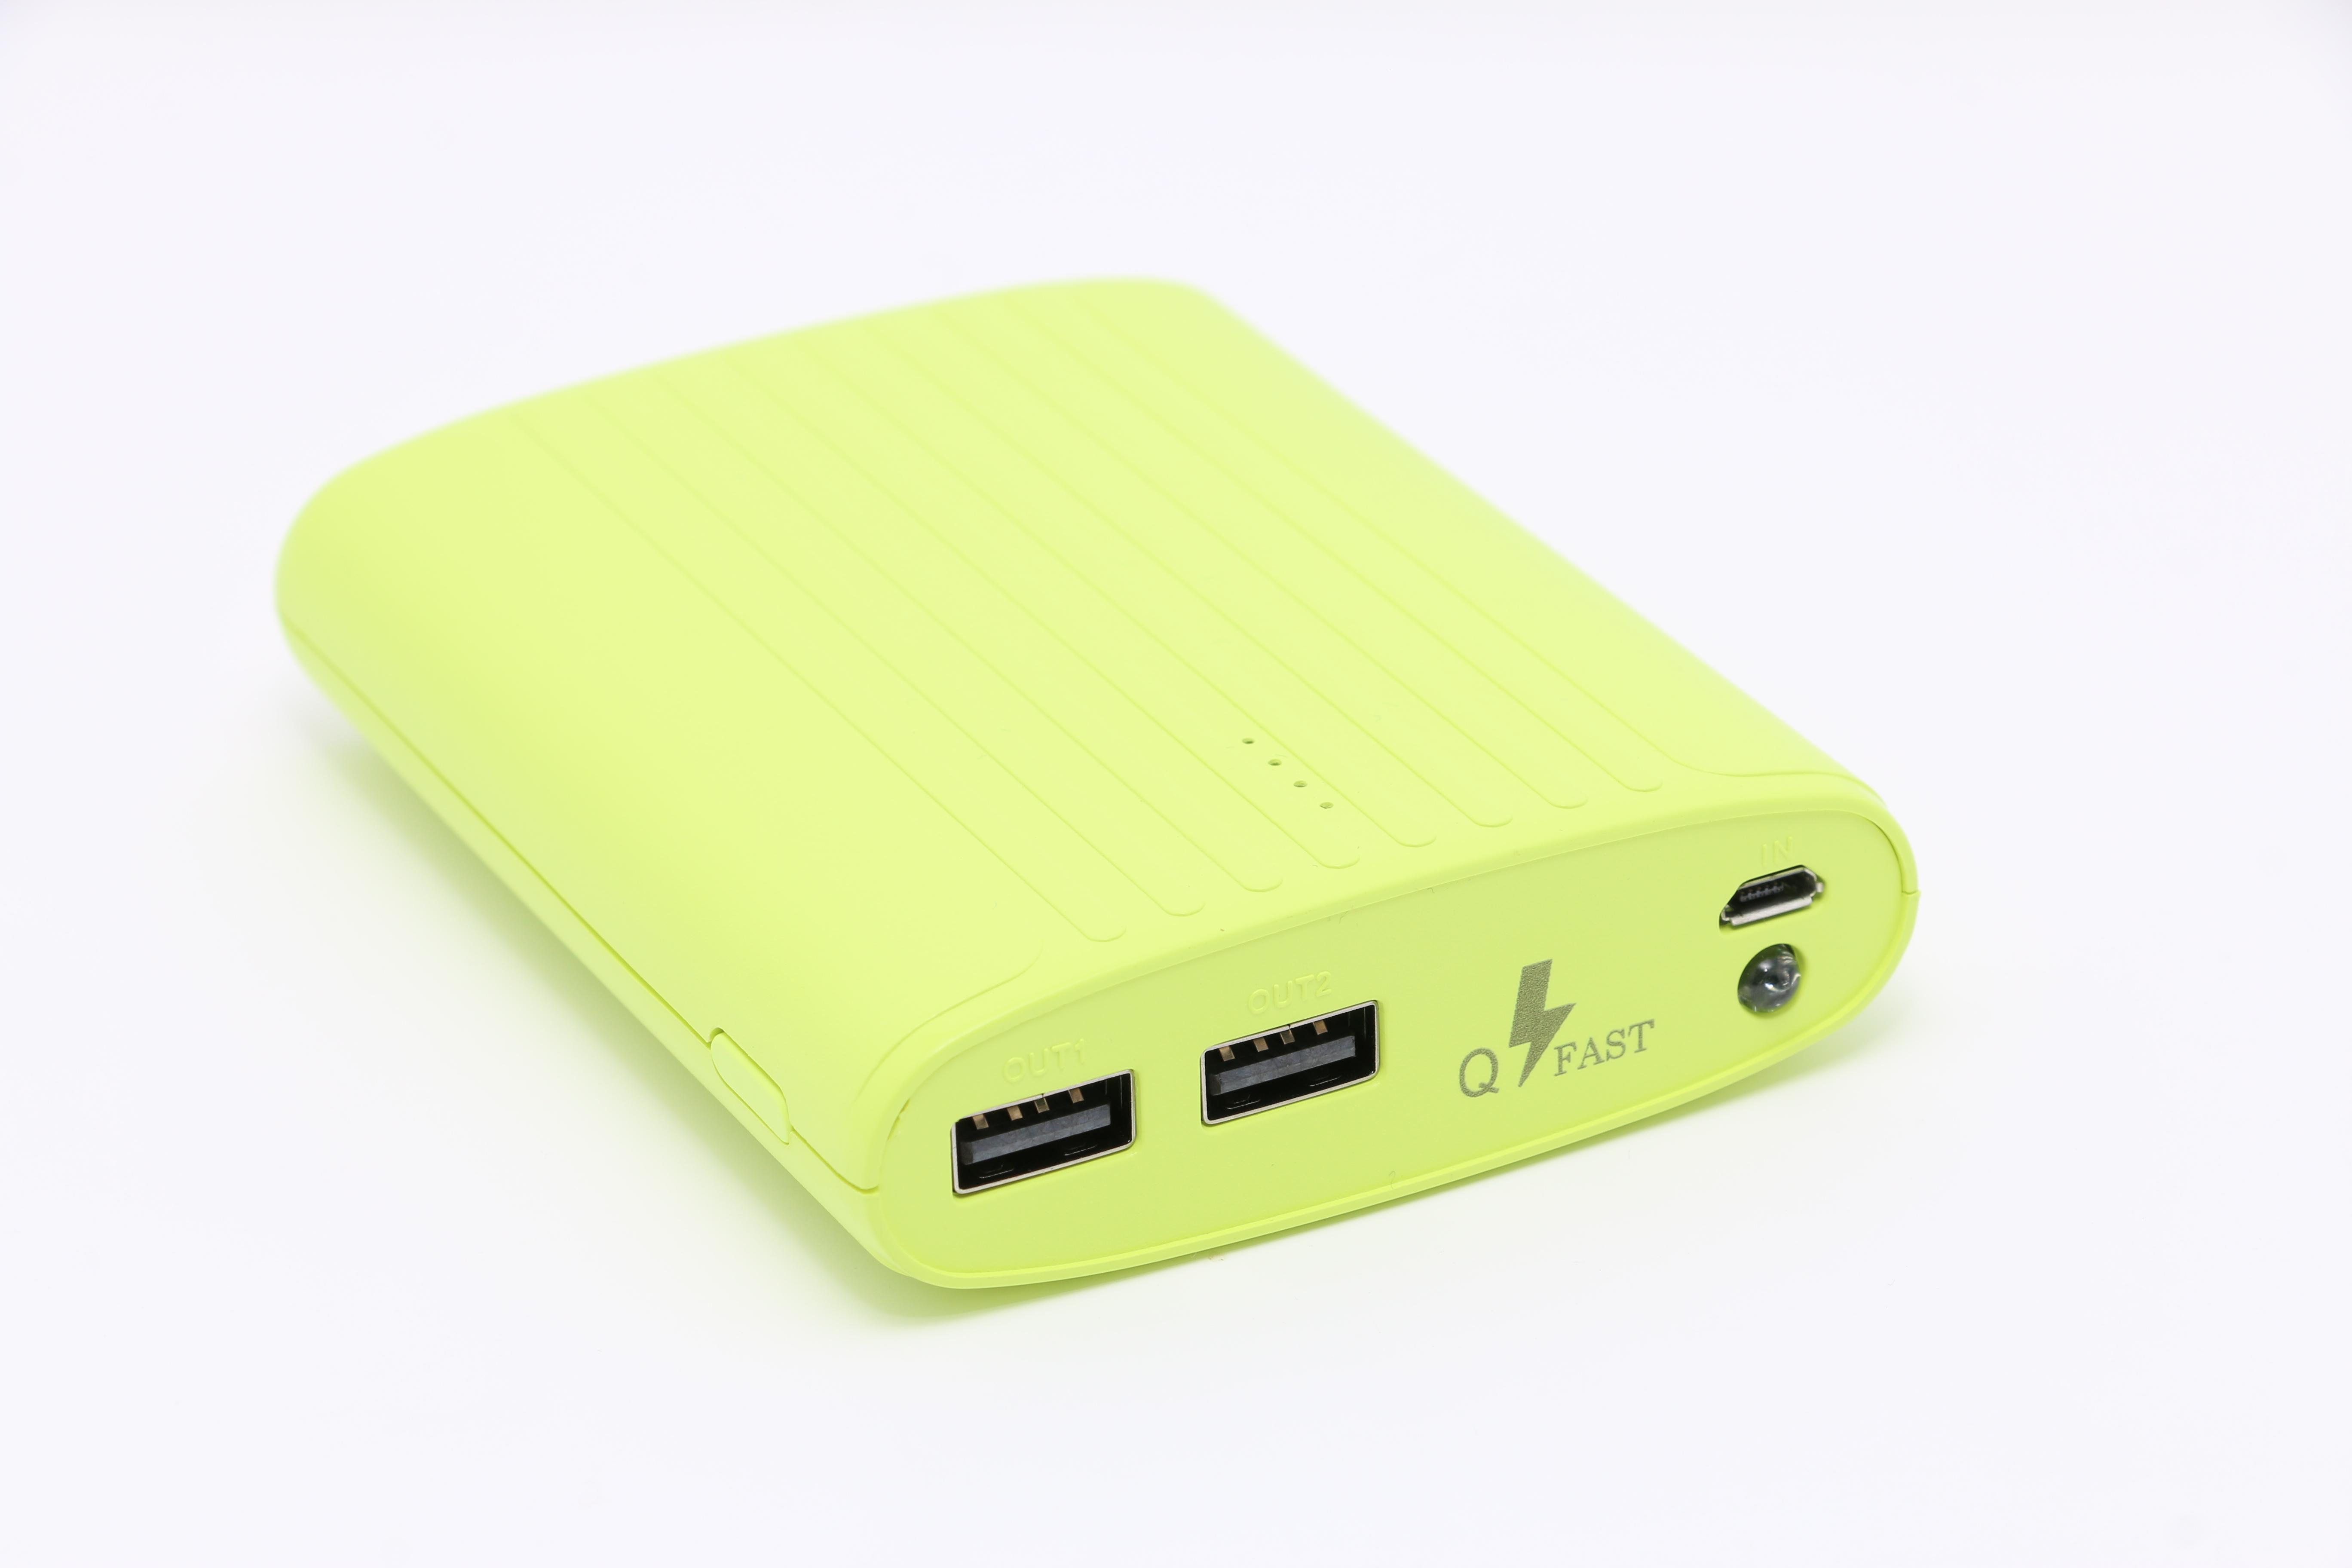 تكنو باور  بنك أخضر  سعة 8800 مللي أمبير مع راوتر - واي فاي USB